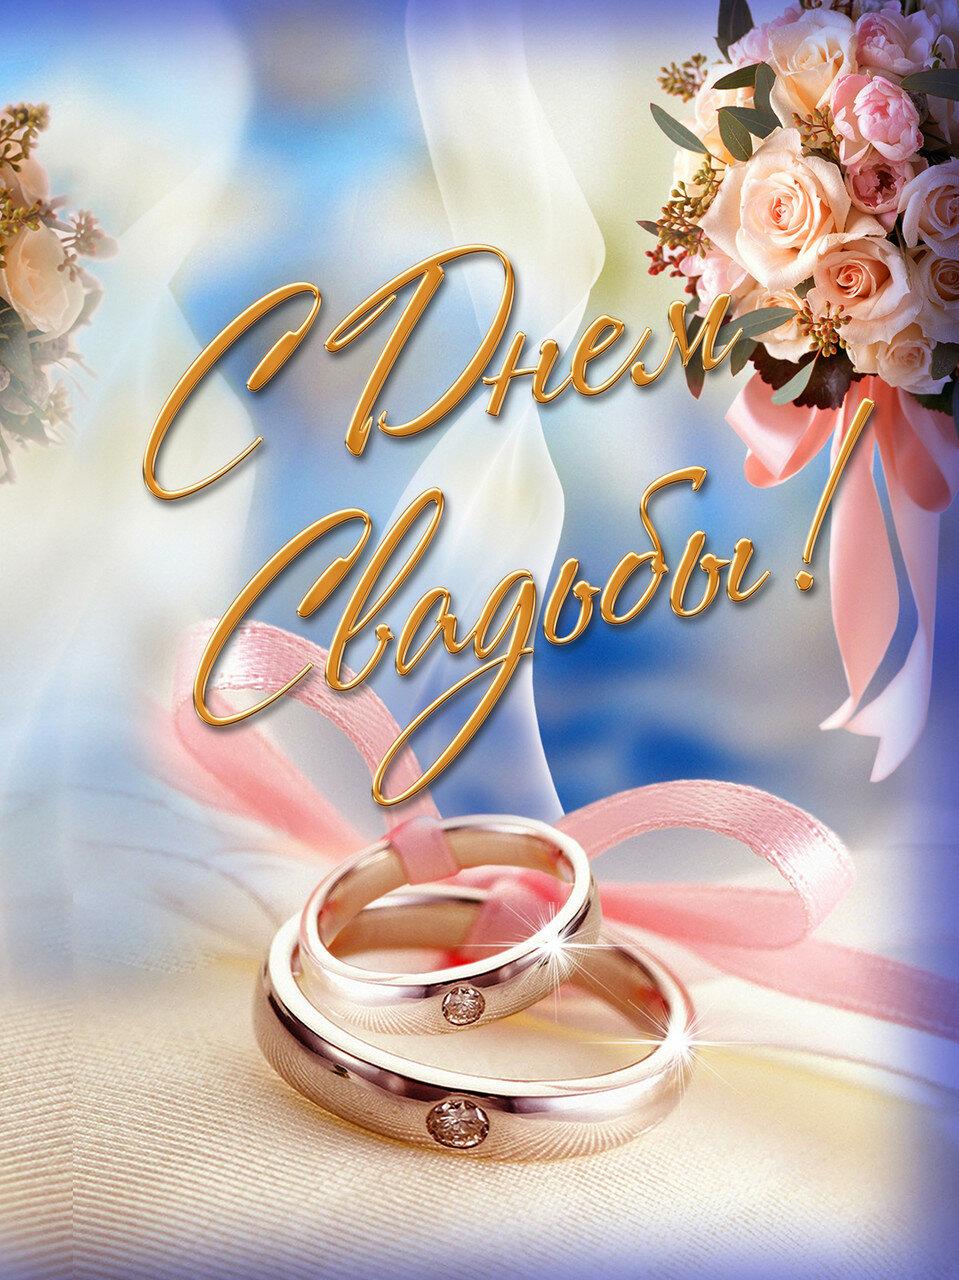 Открытки с музыкой к дню свадьбы